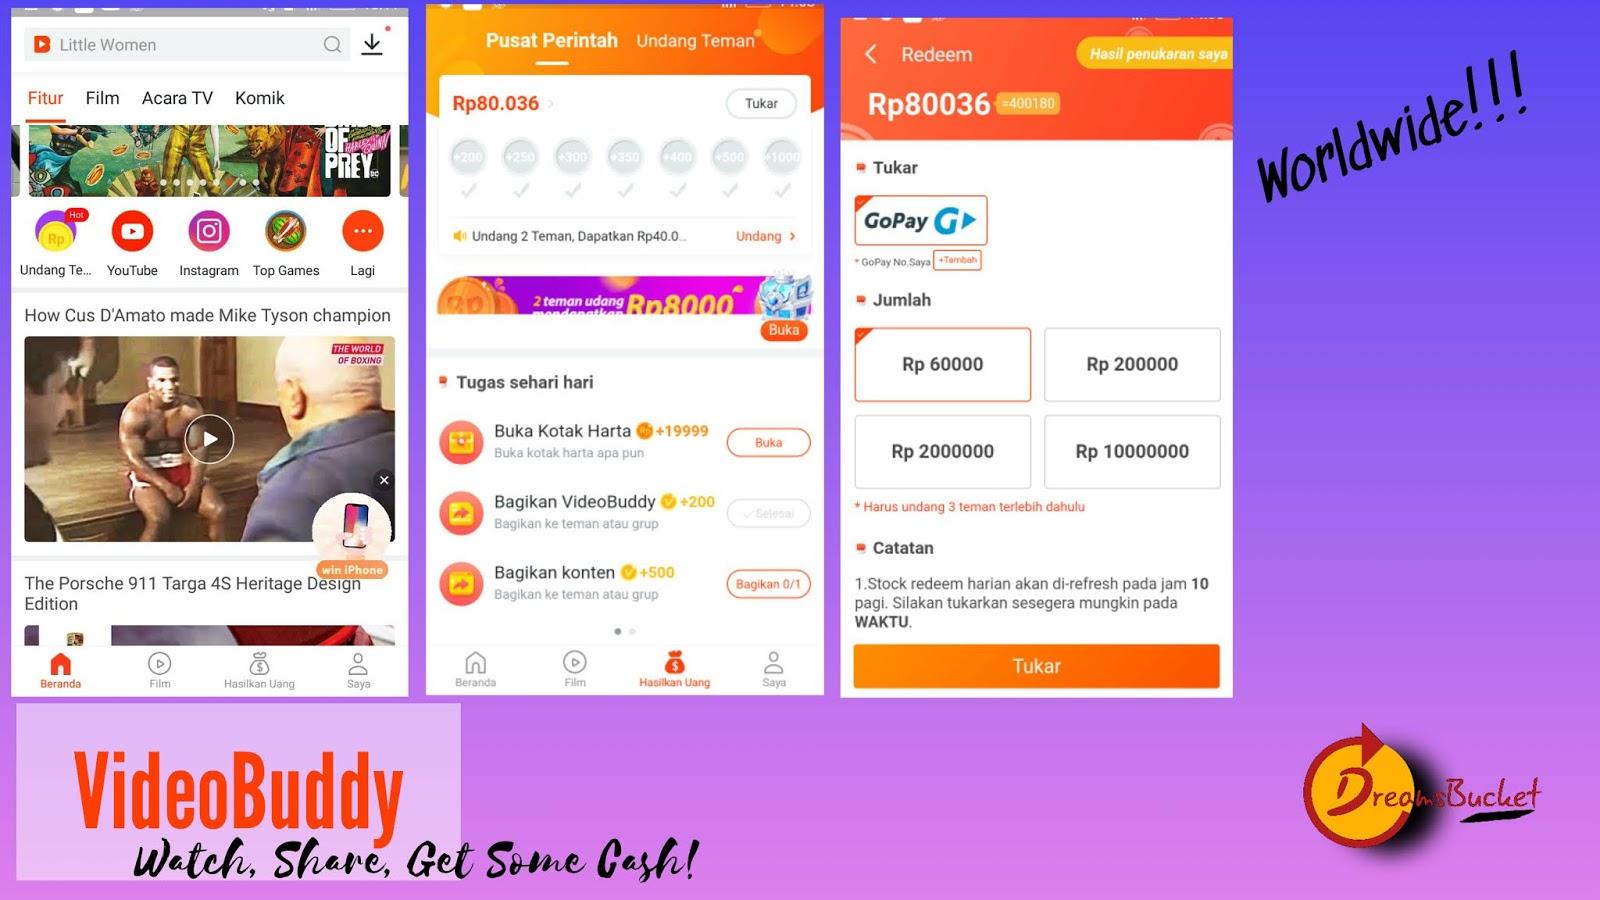 Review Aplikasi Website Penghasil Uang Legit Dreamsbucket